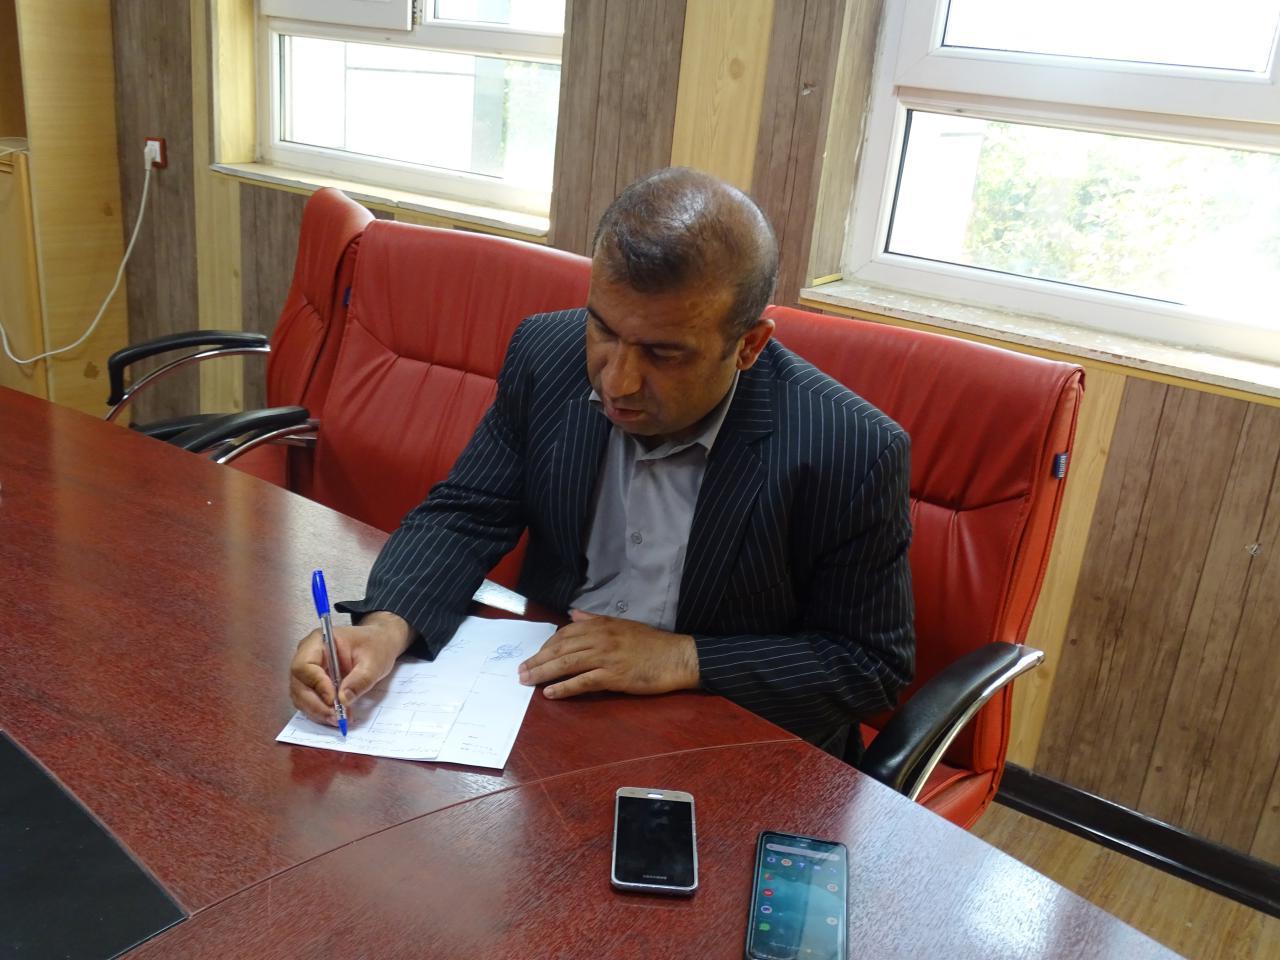 پیام تسلیت دکتر ریحان محمدپور مدیر ستادی قوه قضاییه به مناسبت فوت مرحوم خسرو کریم زاده،